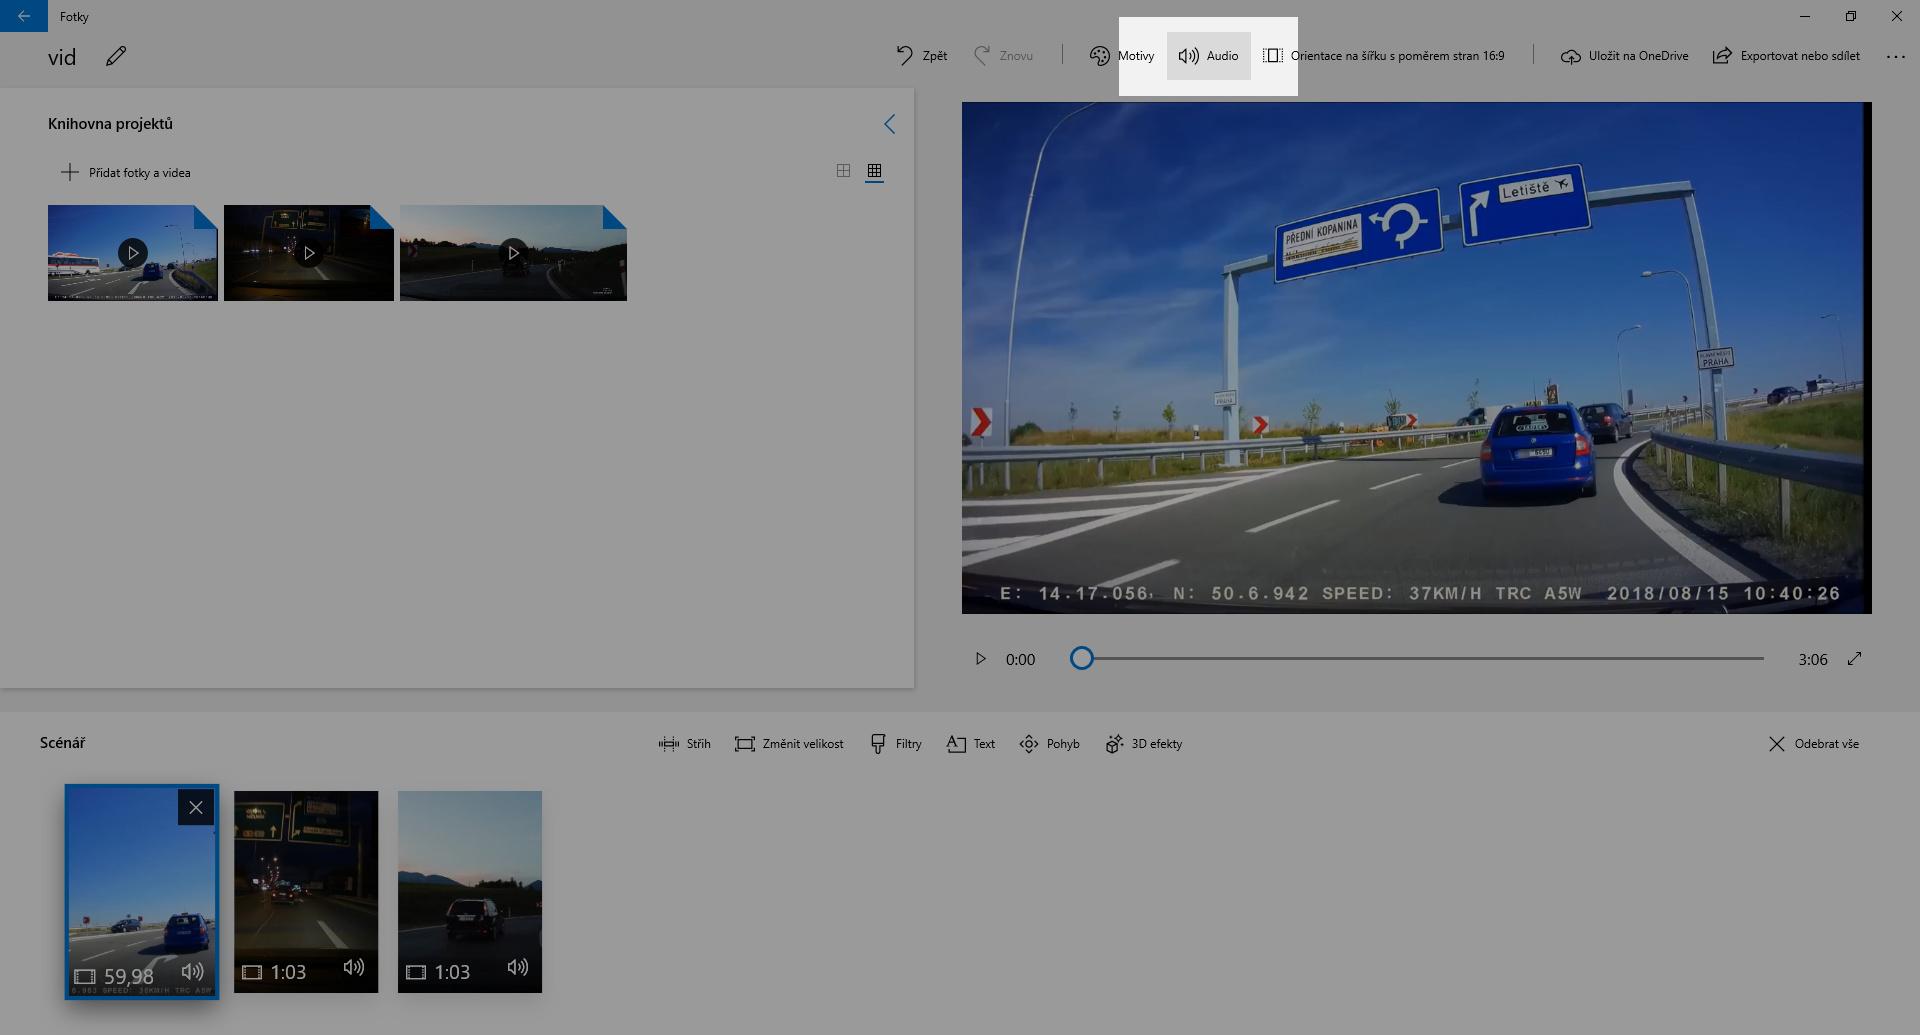 Spojení několika záznamů z autokamery do jednoho video souboru - obrázek 4